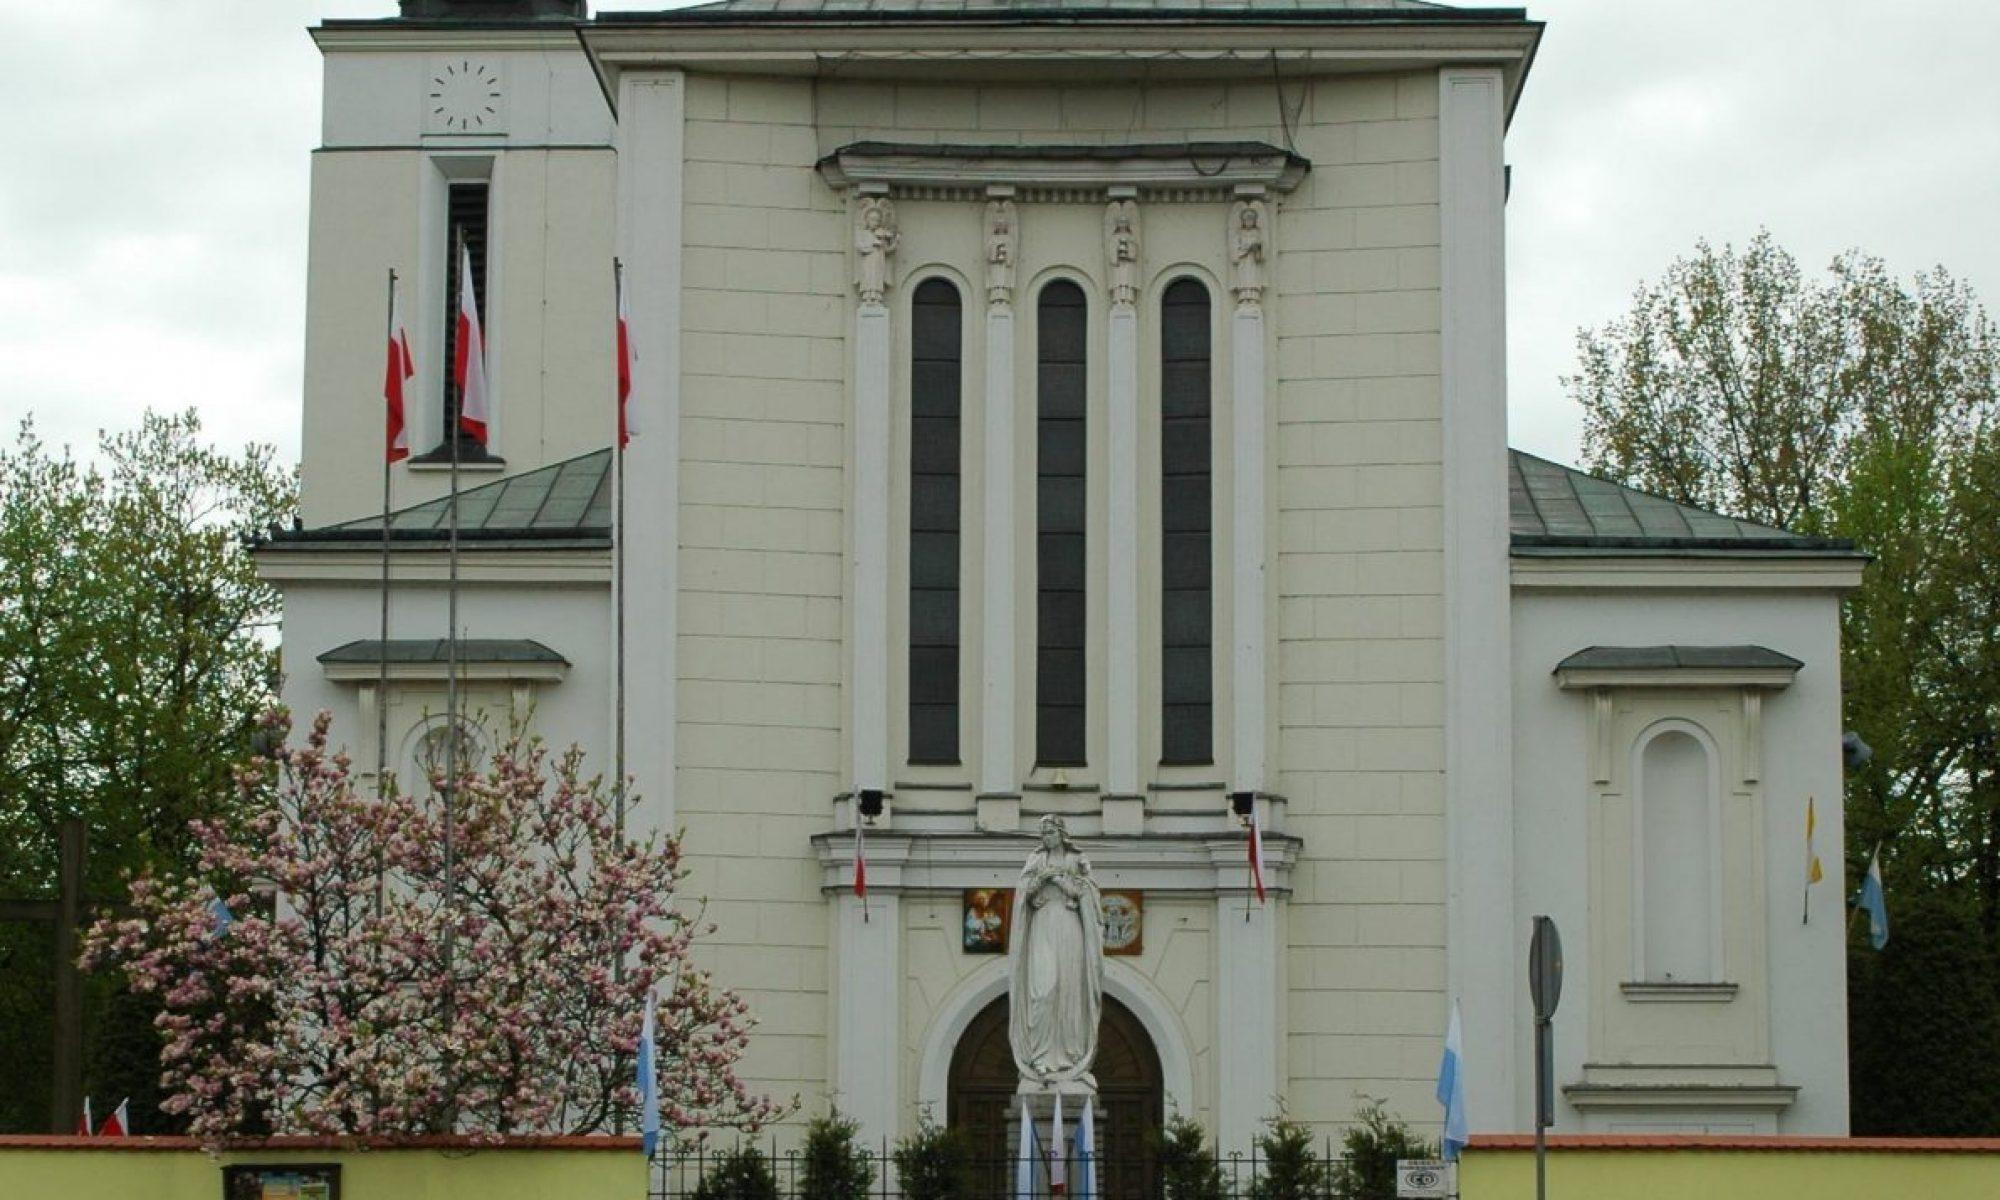 Parafia p.w. Matki Bożej Królowej Polski w Jabłonnie